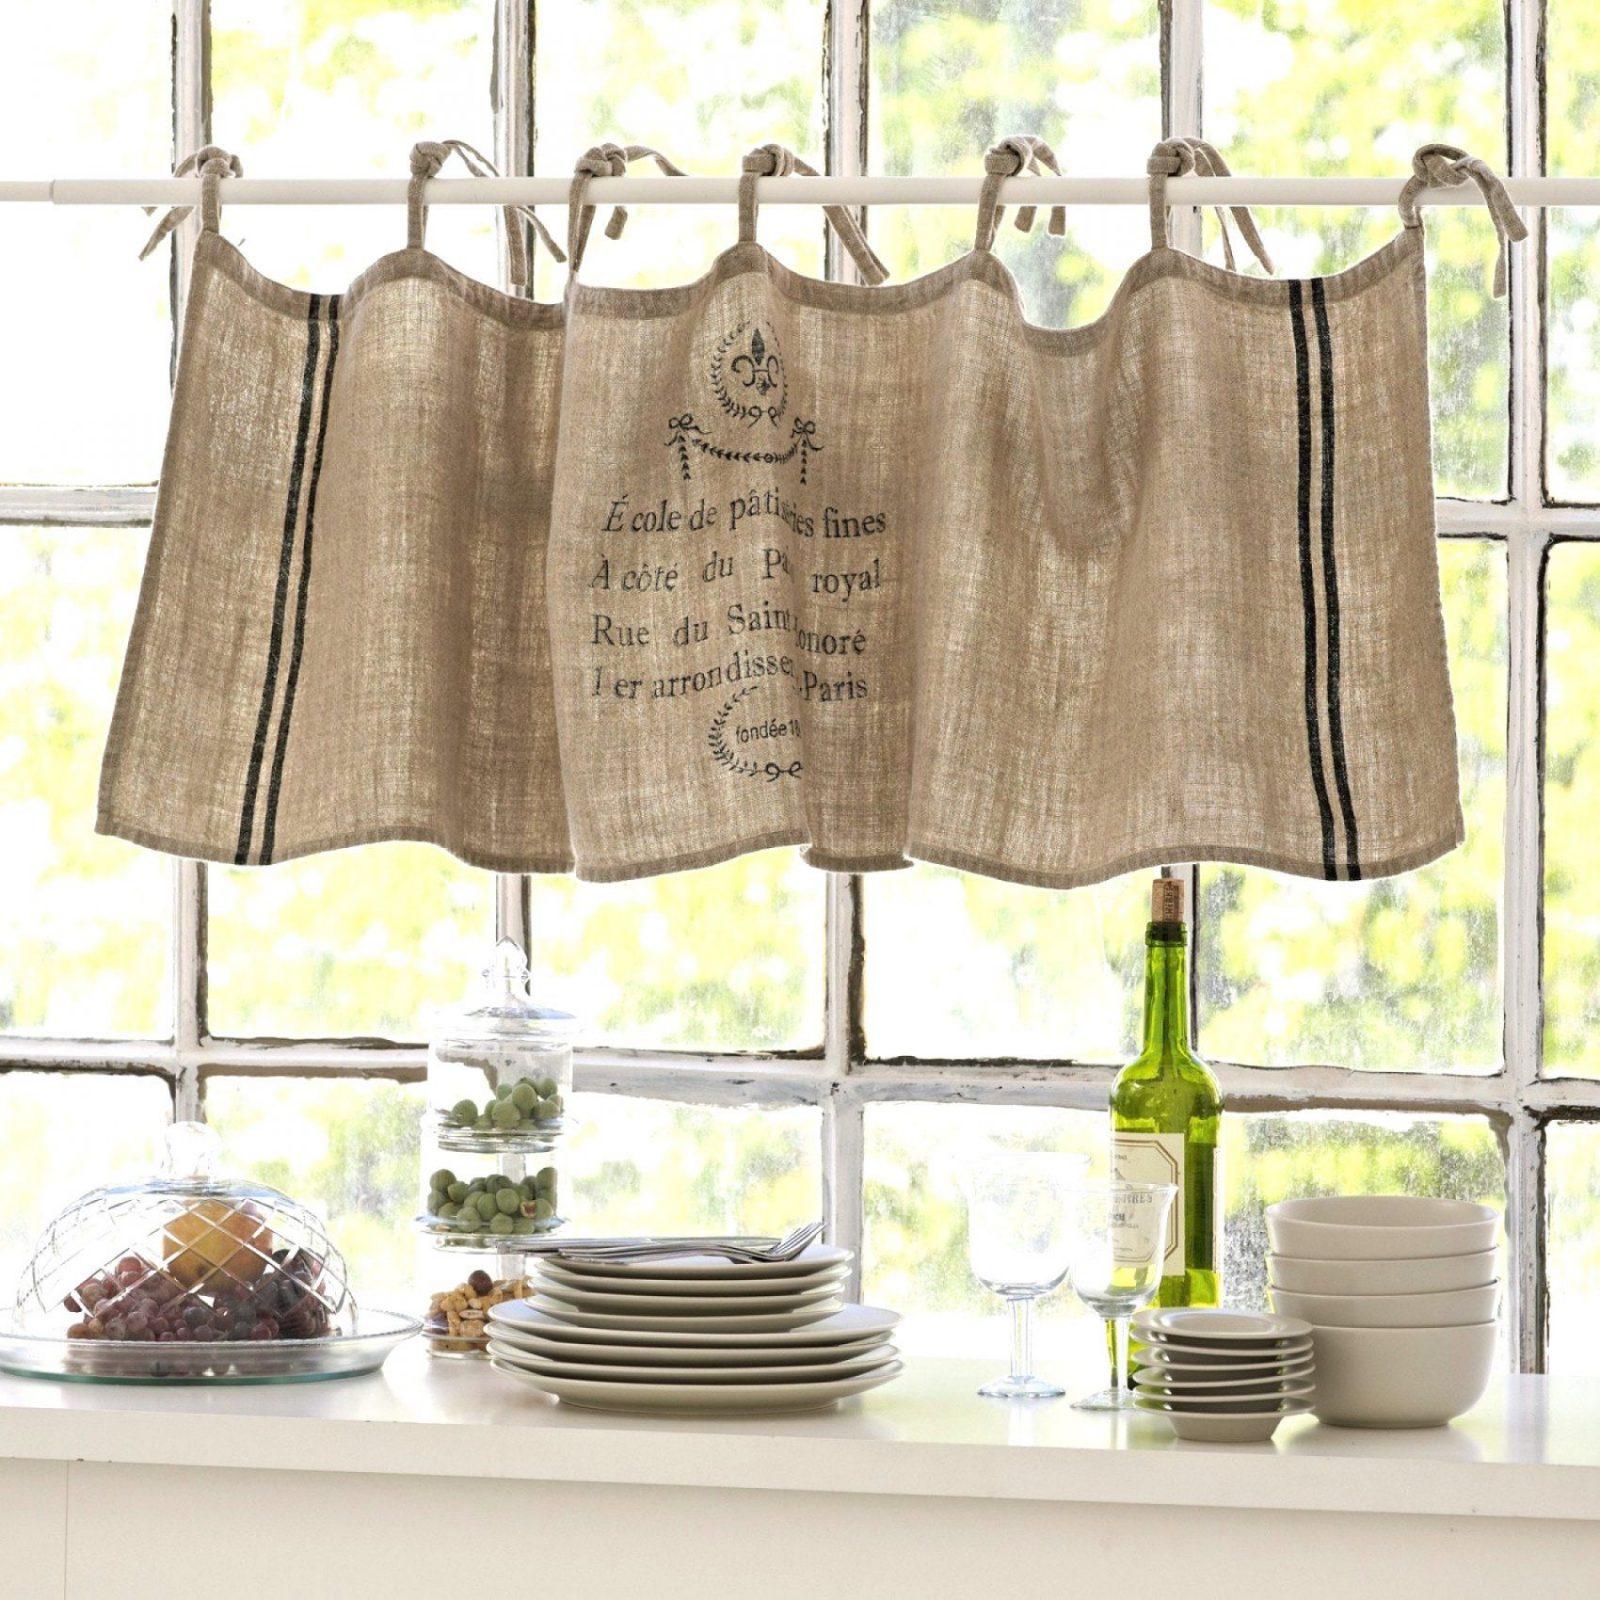 Gardinen Küche Landhausstil Mit Vorhänge Inspirierend 21 Und von Französischer Landhausstil Gardinen Photo